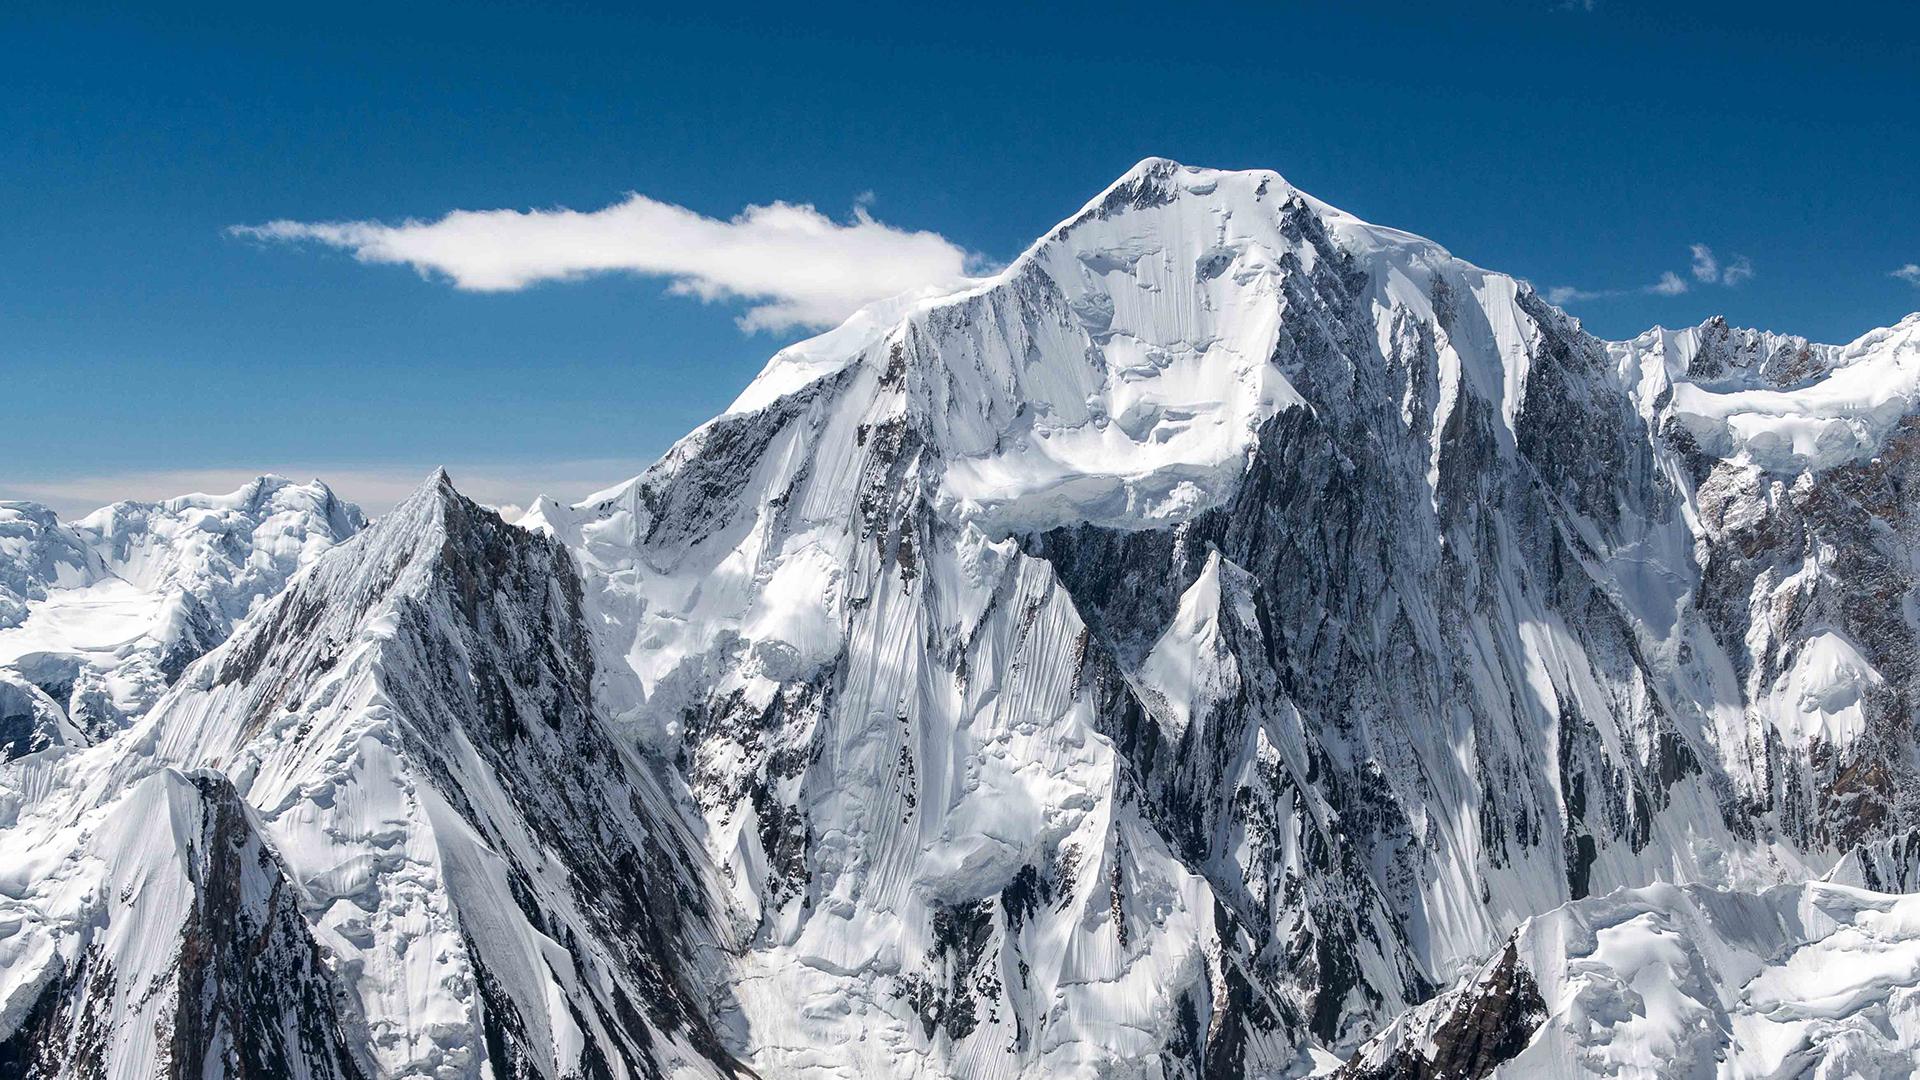 Earth Mountain 1920x1080